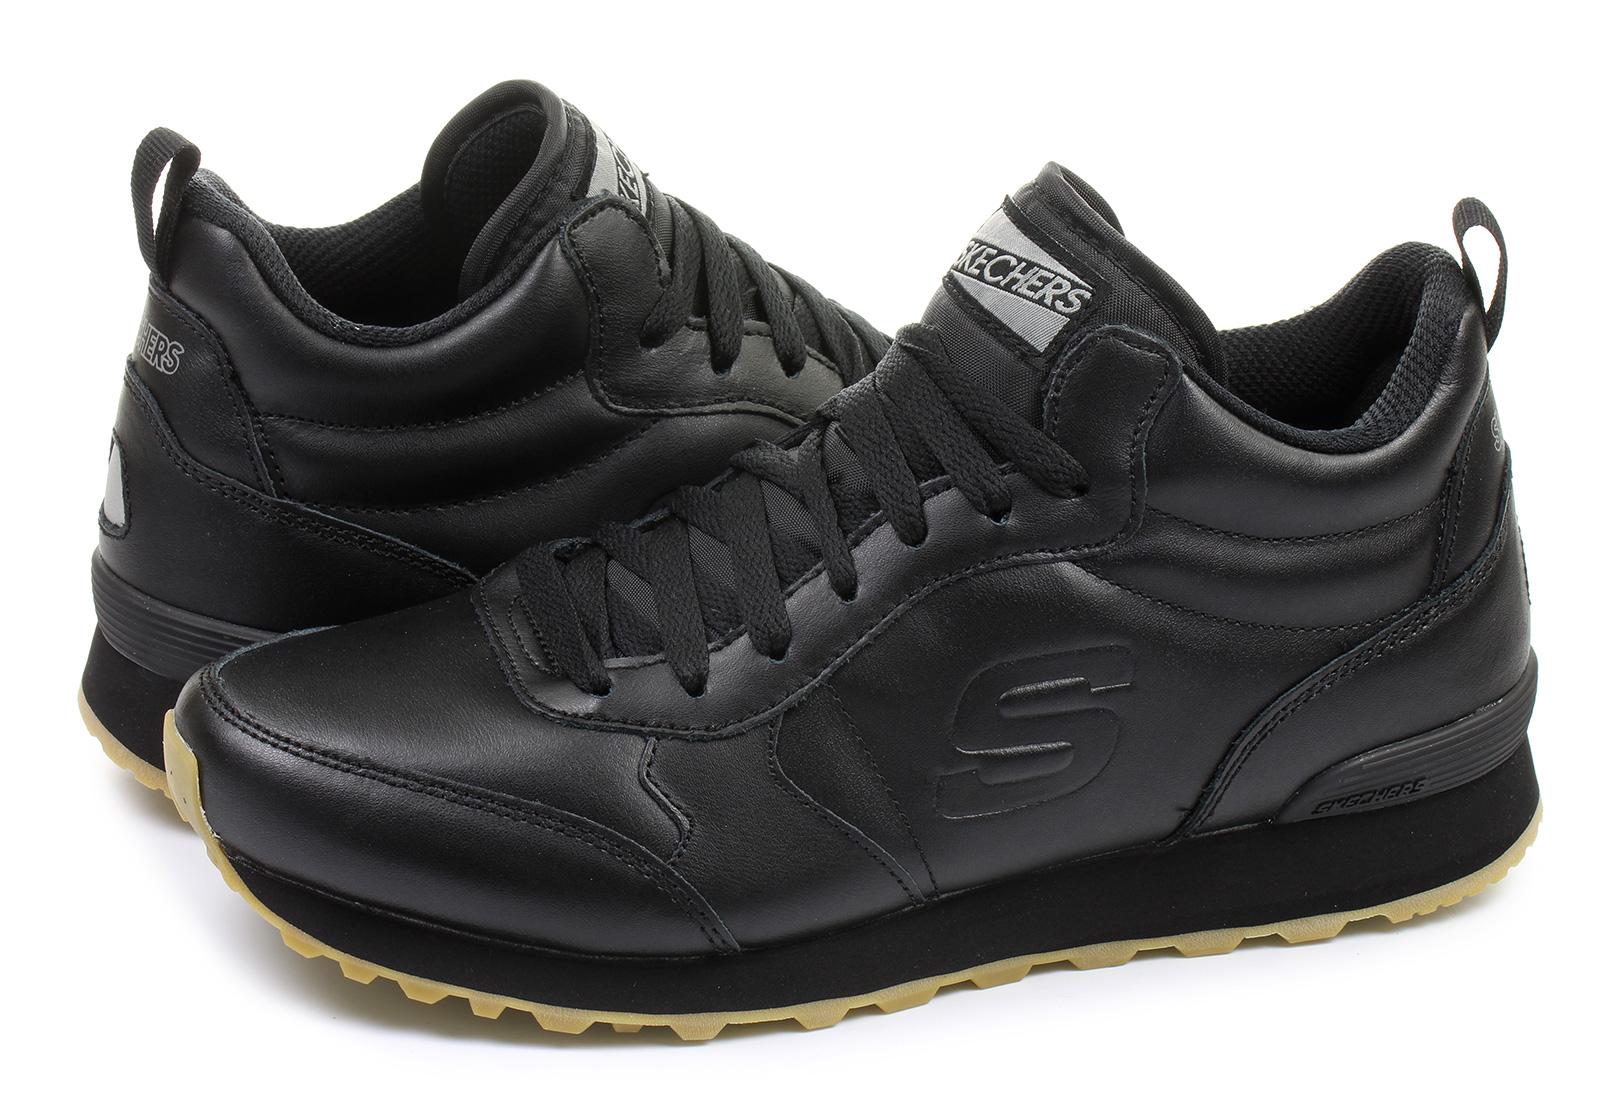 Özgürlük ruhu: Lacoste sneakers 99